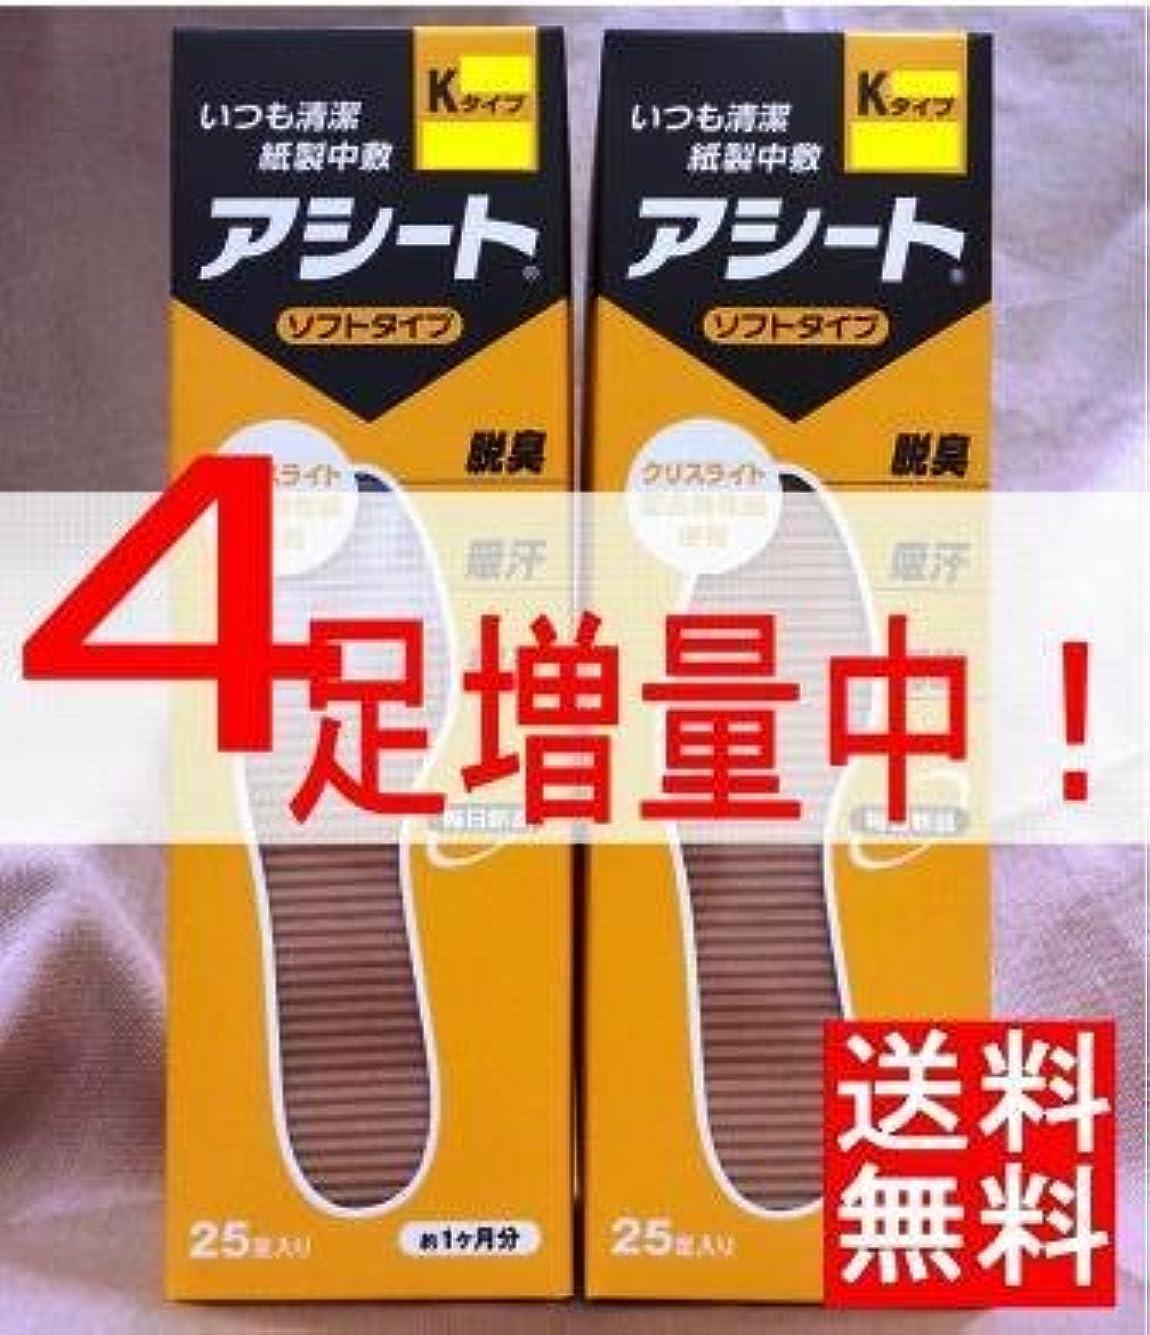 仮定するギネス減らすアシートK (サイズ23cm)×2箱セット(4足増量中)